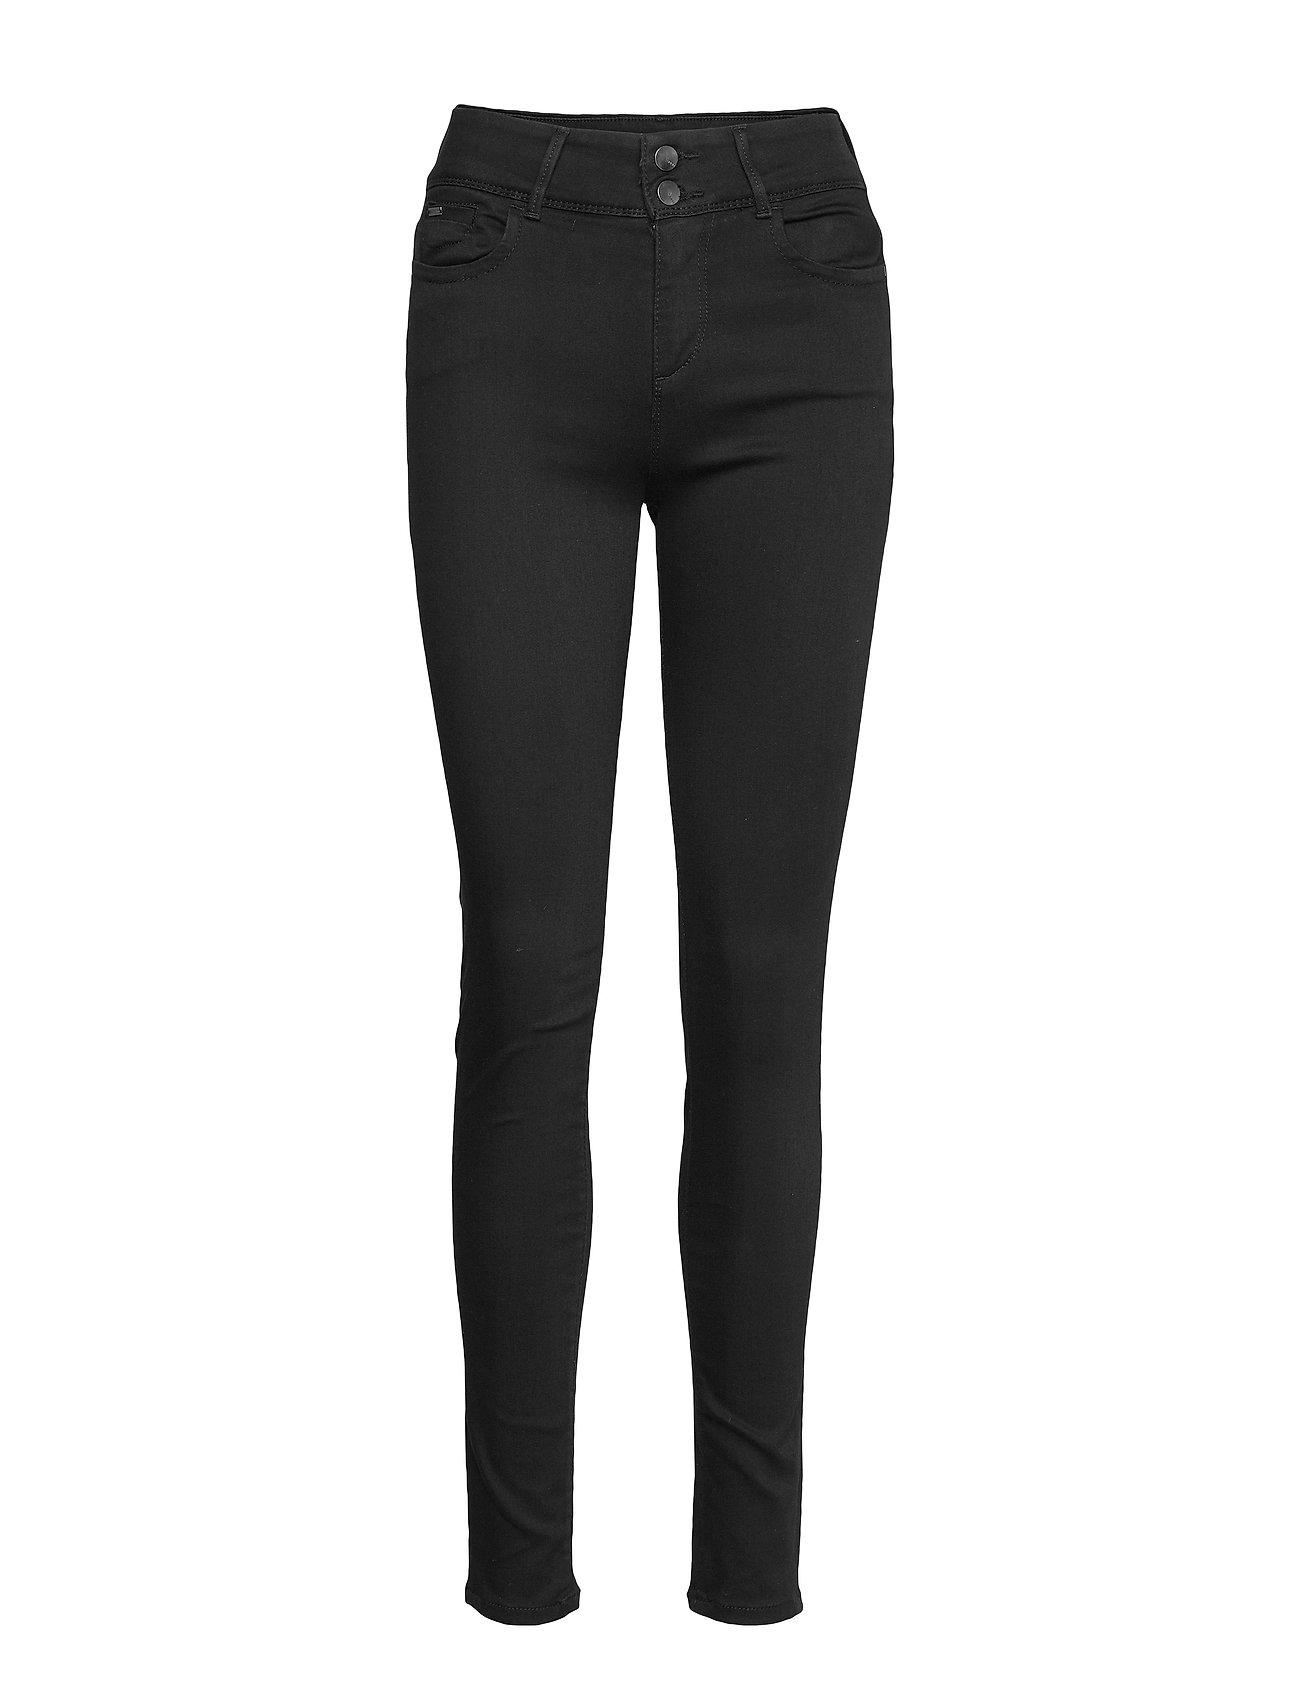 Esprit Collection Pants denim - BLACK RINSE